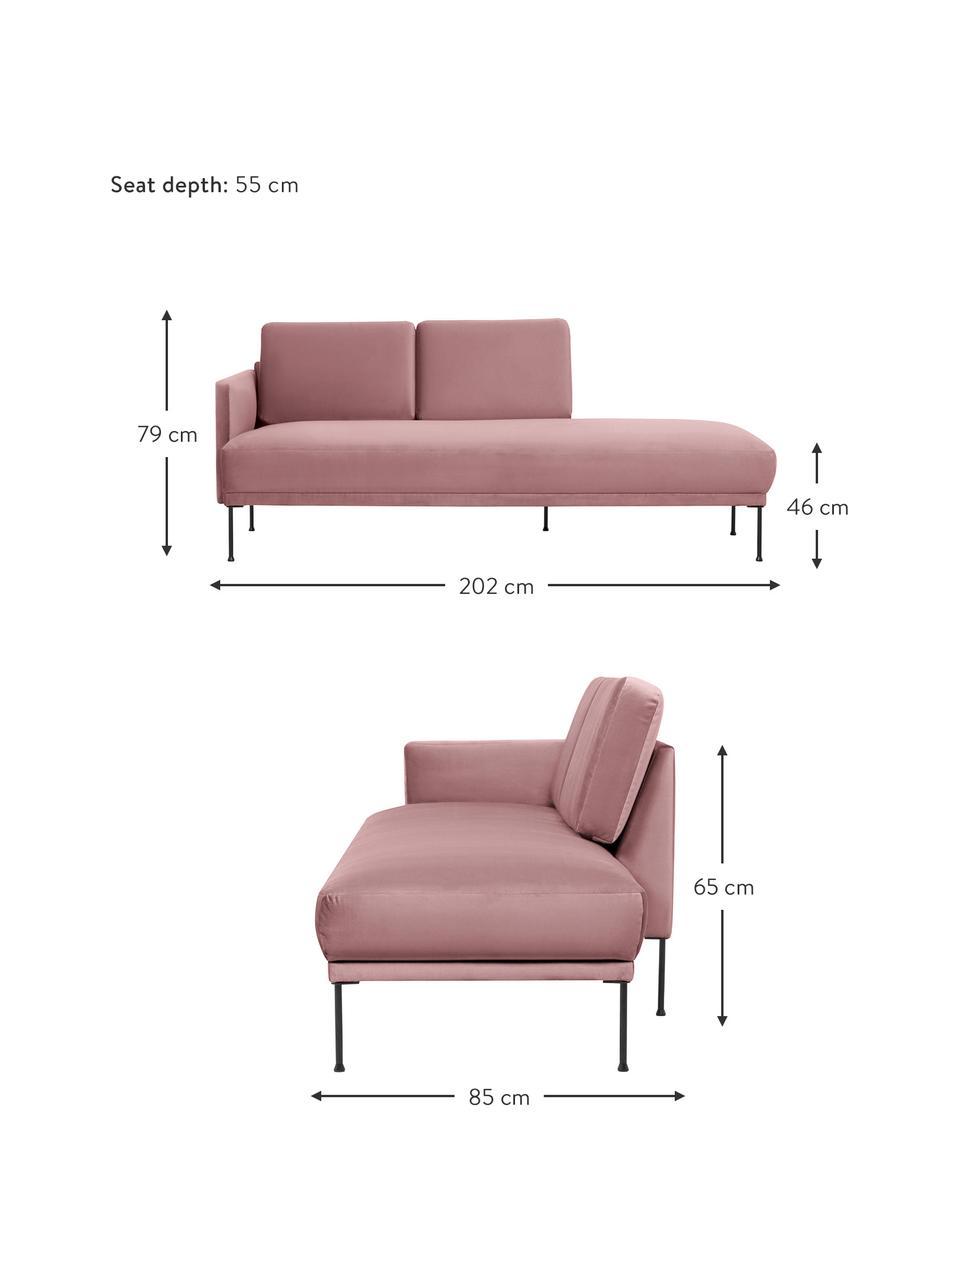 Fluwelen chaise longue Fluente in roze met metalen poten, Bekleding: fluweel (hoogwaardig poly, Frame: massief grenenhout, Poten: gepoedercoat metaal, Fluweel roze, B 202 x D 85 cm